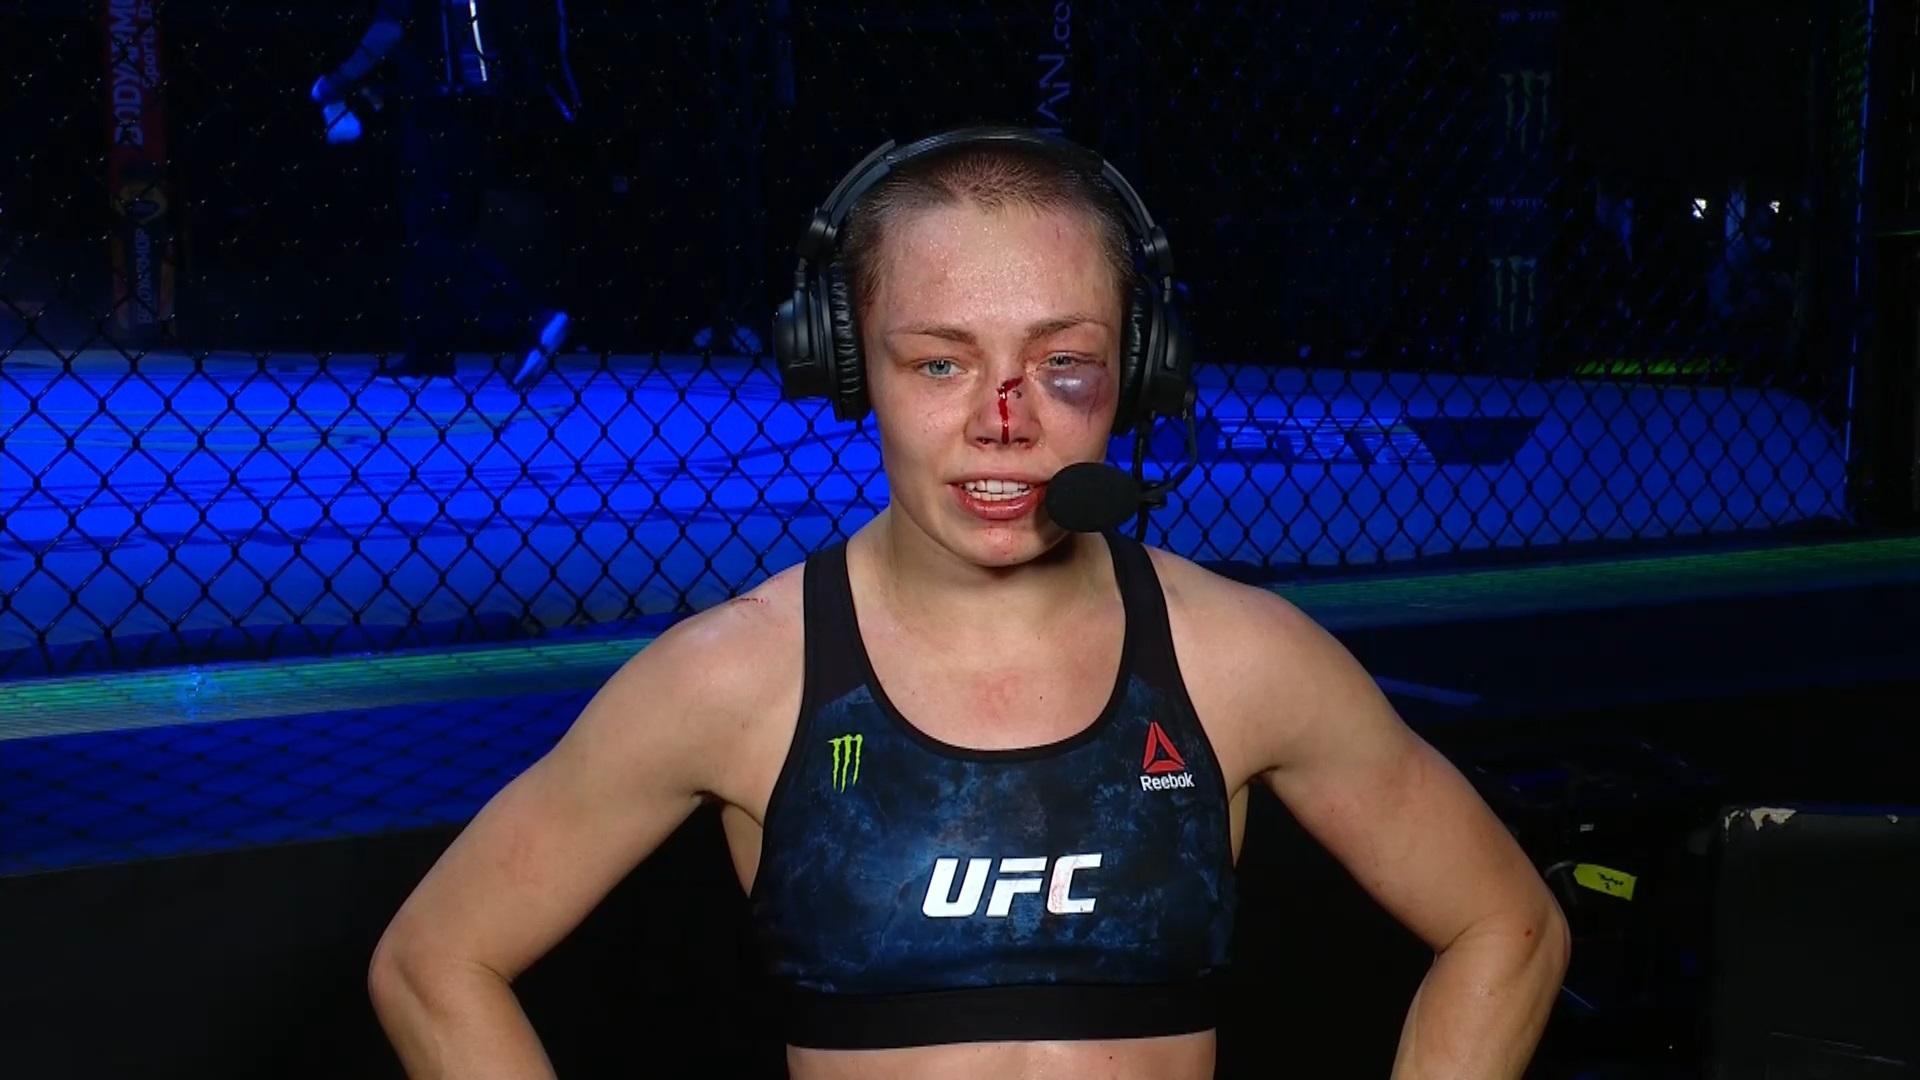 PHOTO Rose Namajunas With MASSIVE Black Eye After UFC 251 Fight